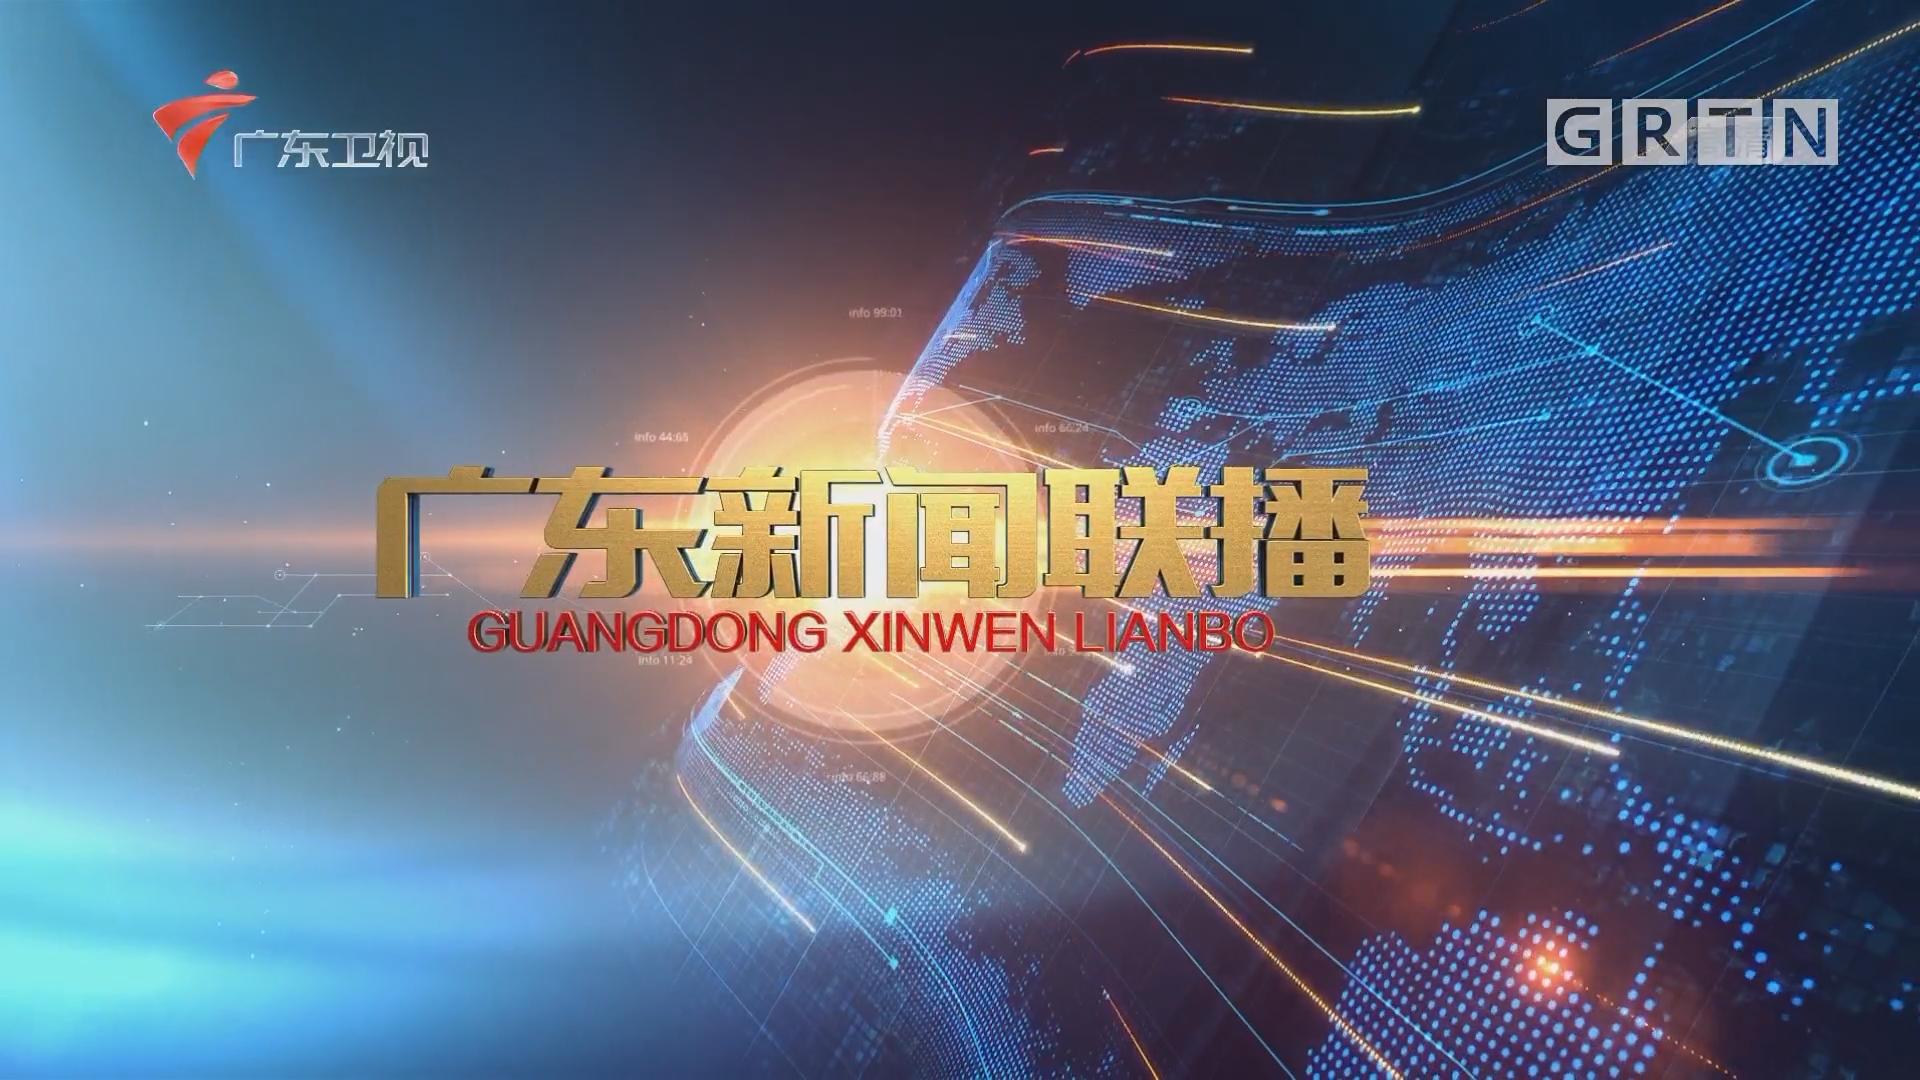 [HD][2019-02-19]广东新闻联播:中共中央 国务院印发《粤港澳大湾区发展规划纲要》